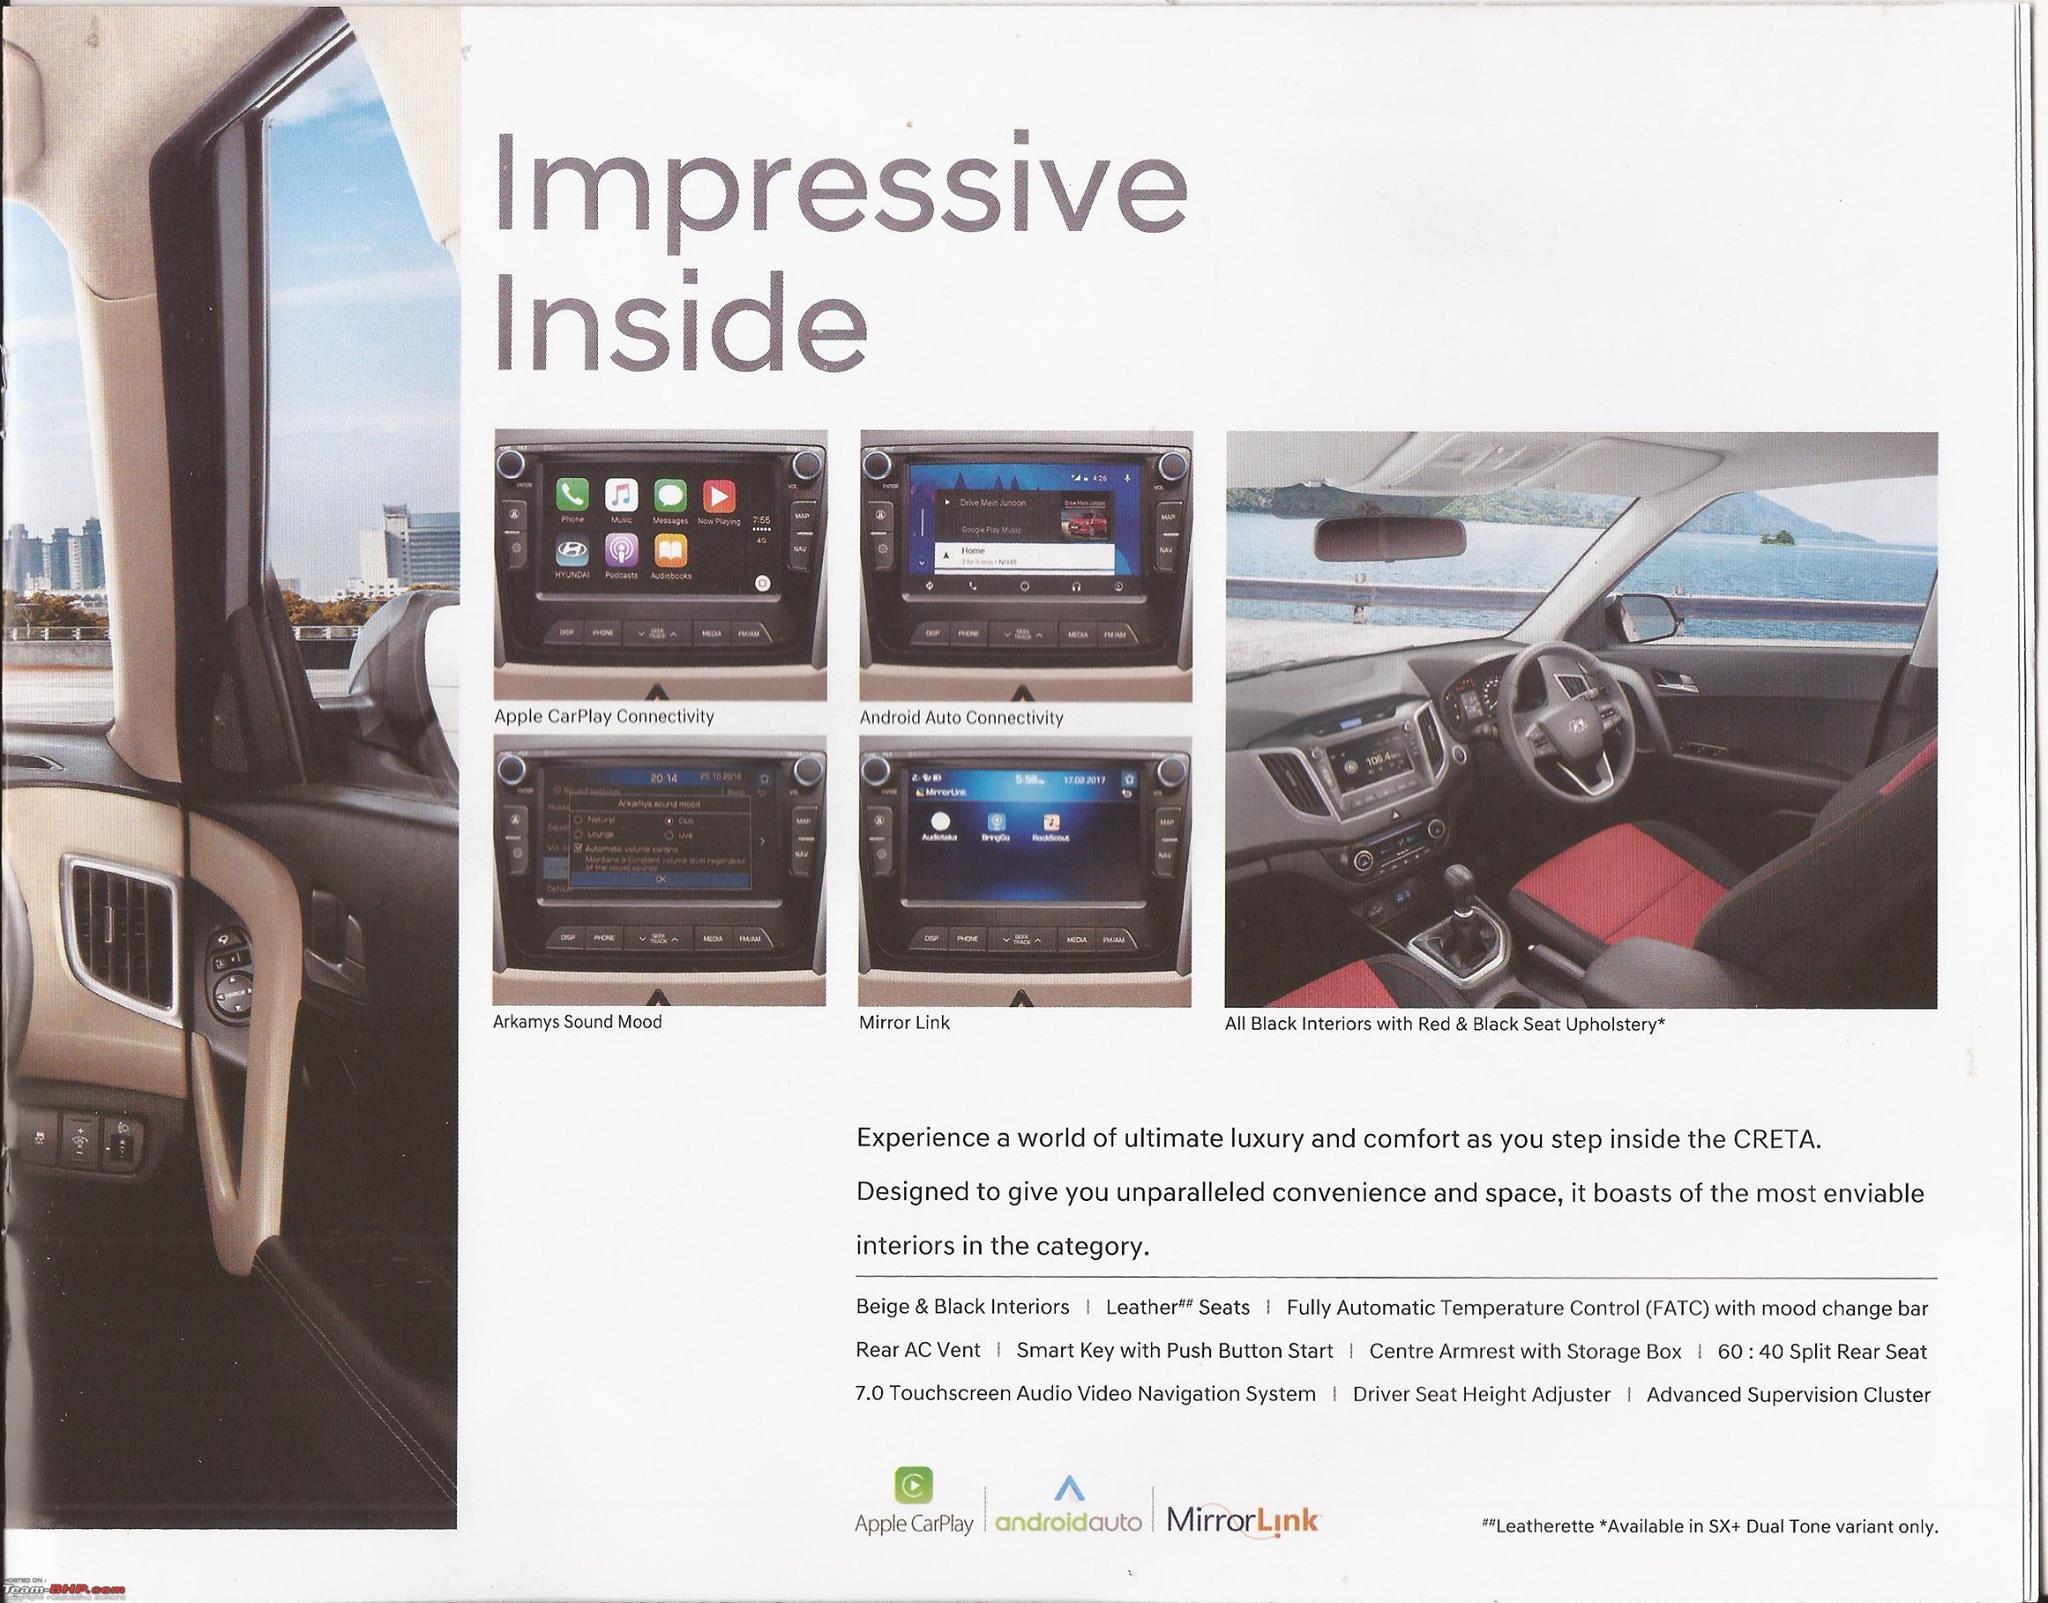 2017 Hyundai Creta interior changes